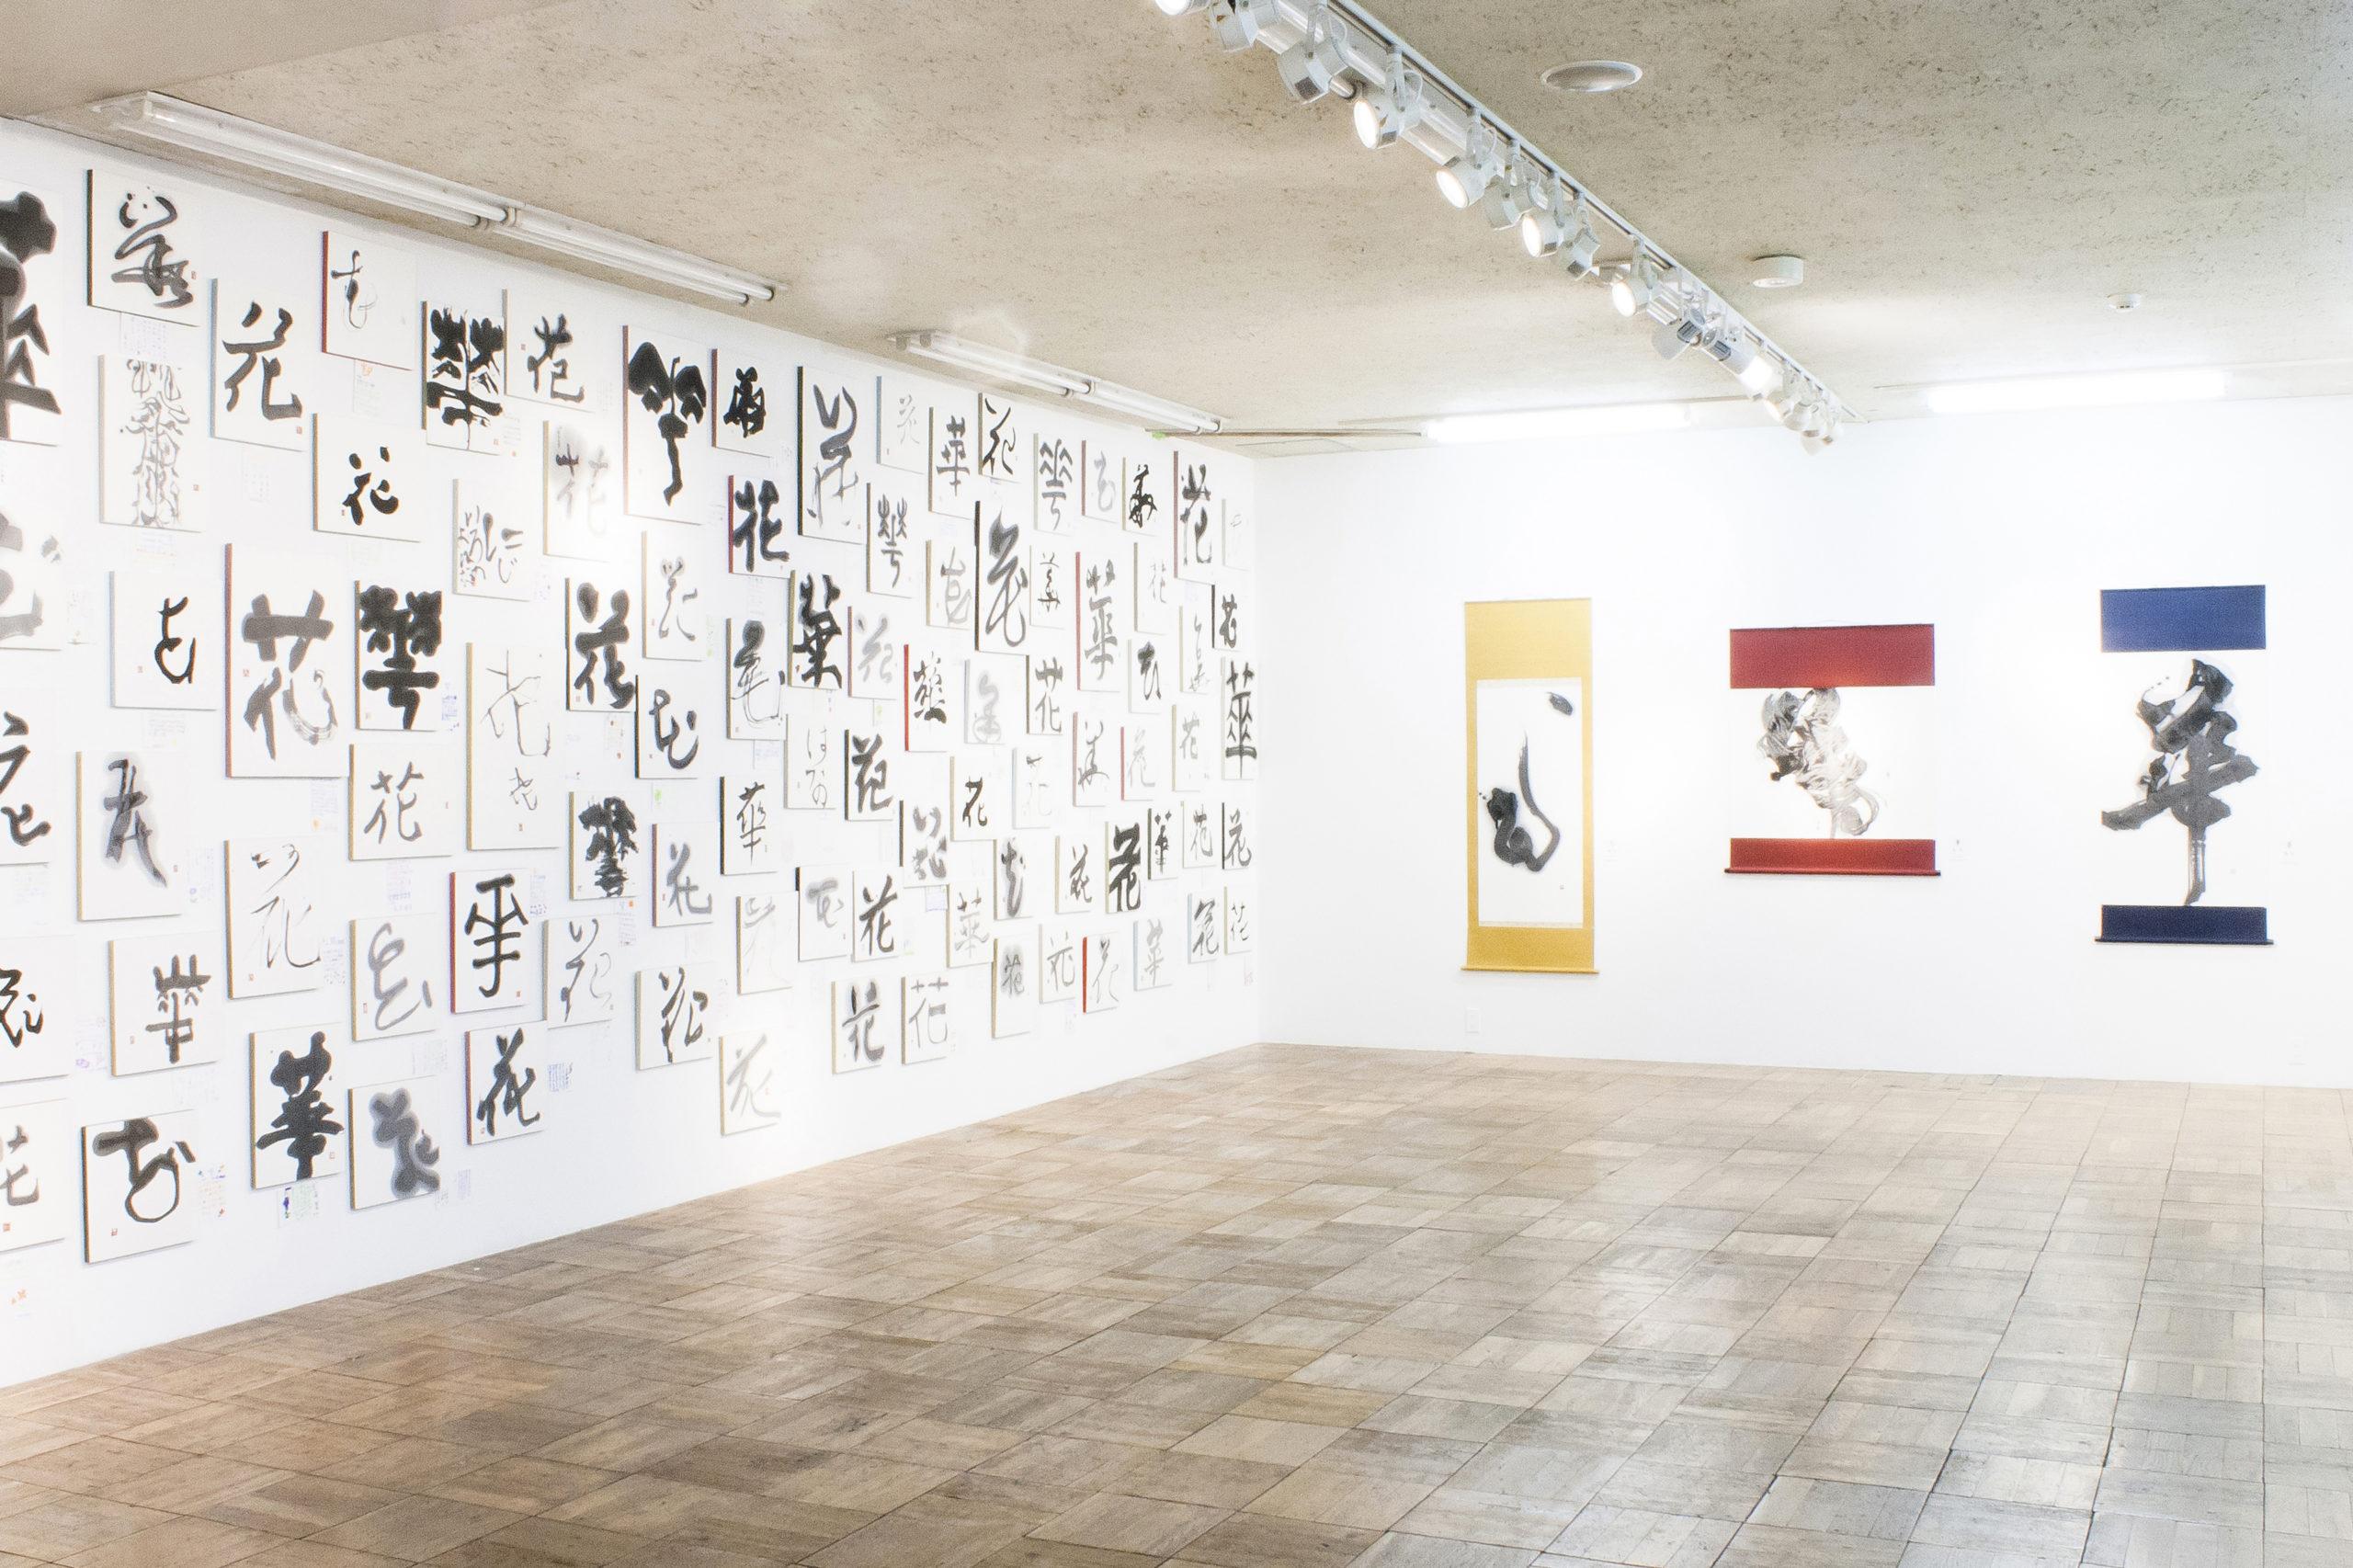 書道団体、無限未来がアーツ千代田3331にて子供や大人の生徒さん達と開催しましたアート書道展の記録です。